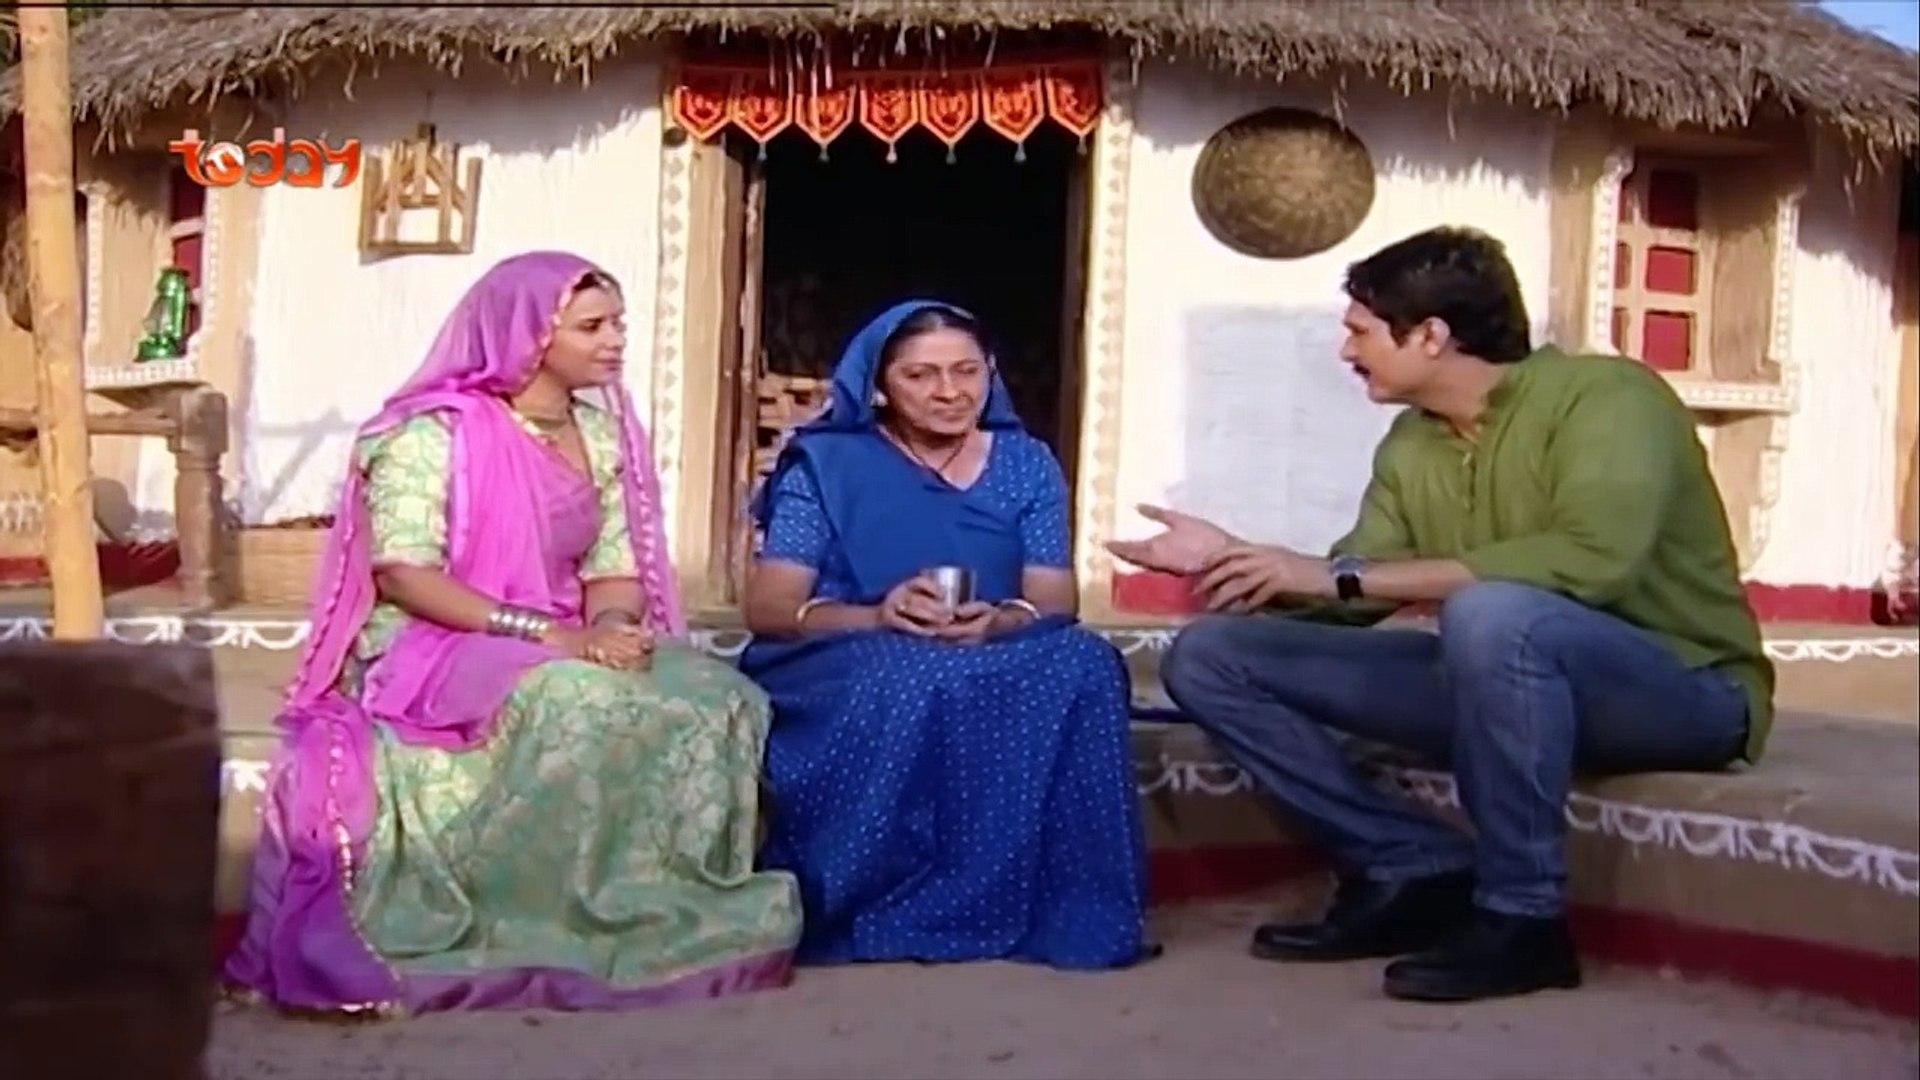 Nỗi Lòng Nàng Dâu (Tập 20 - Phần 2) - Phim Bộ Tình Cảm Ấn Độ Hay 2018 - TodayTV